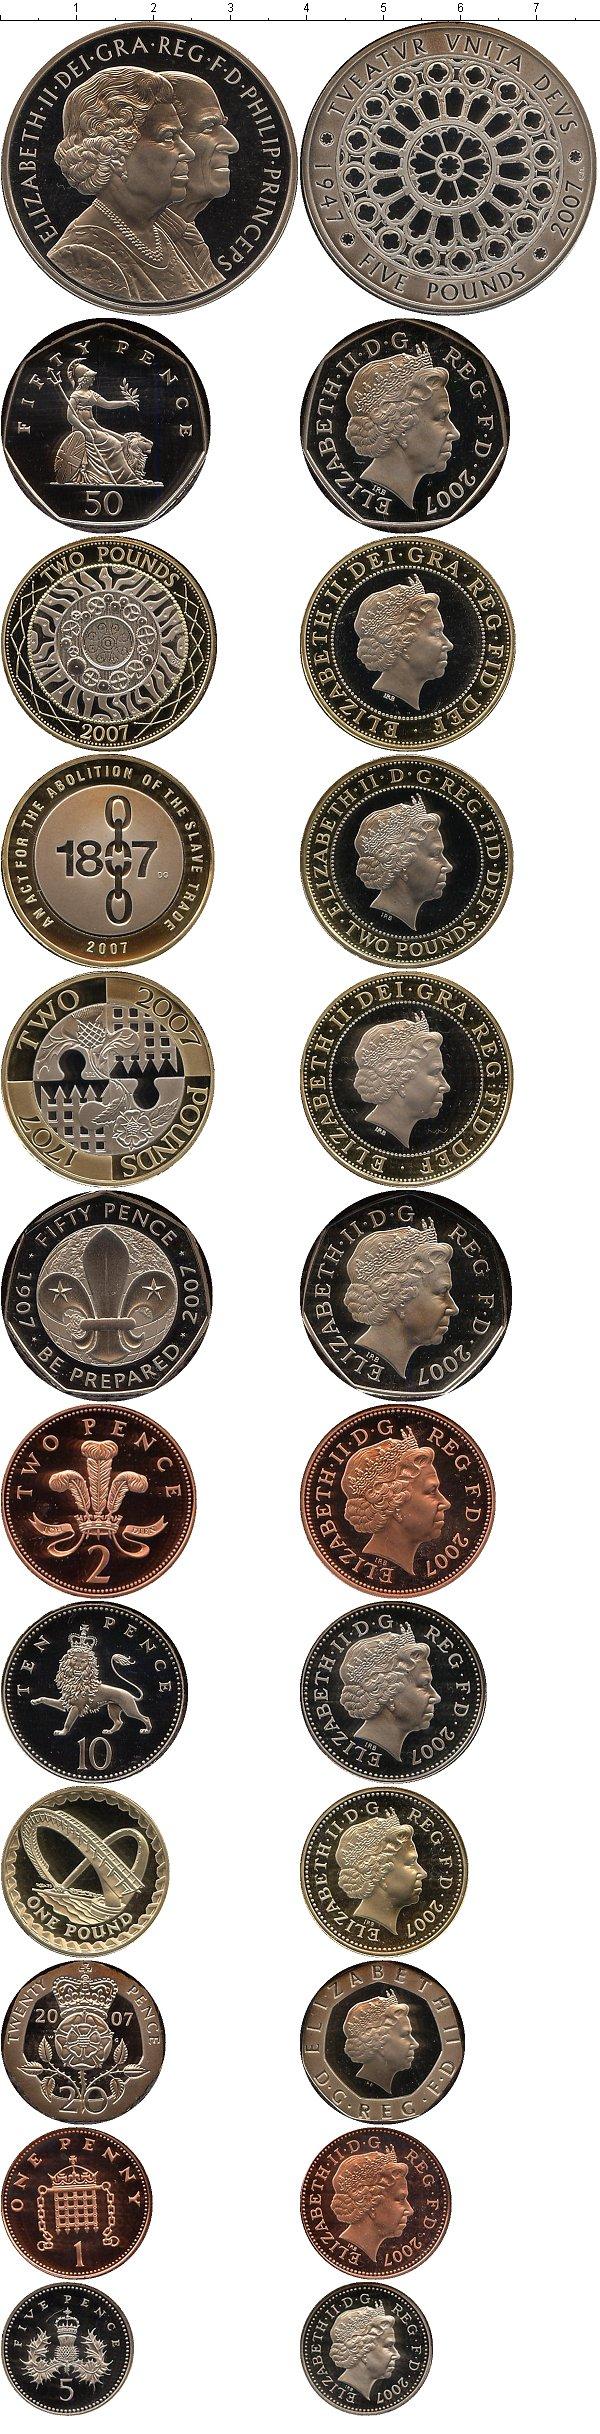 Картинка Подарочные наборы Великобритания Новые гербы 2007  2007